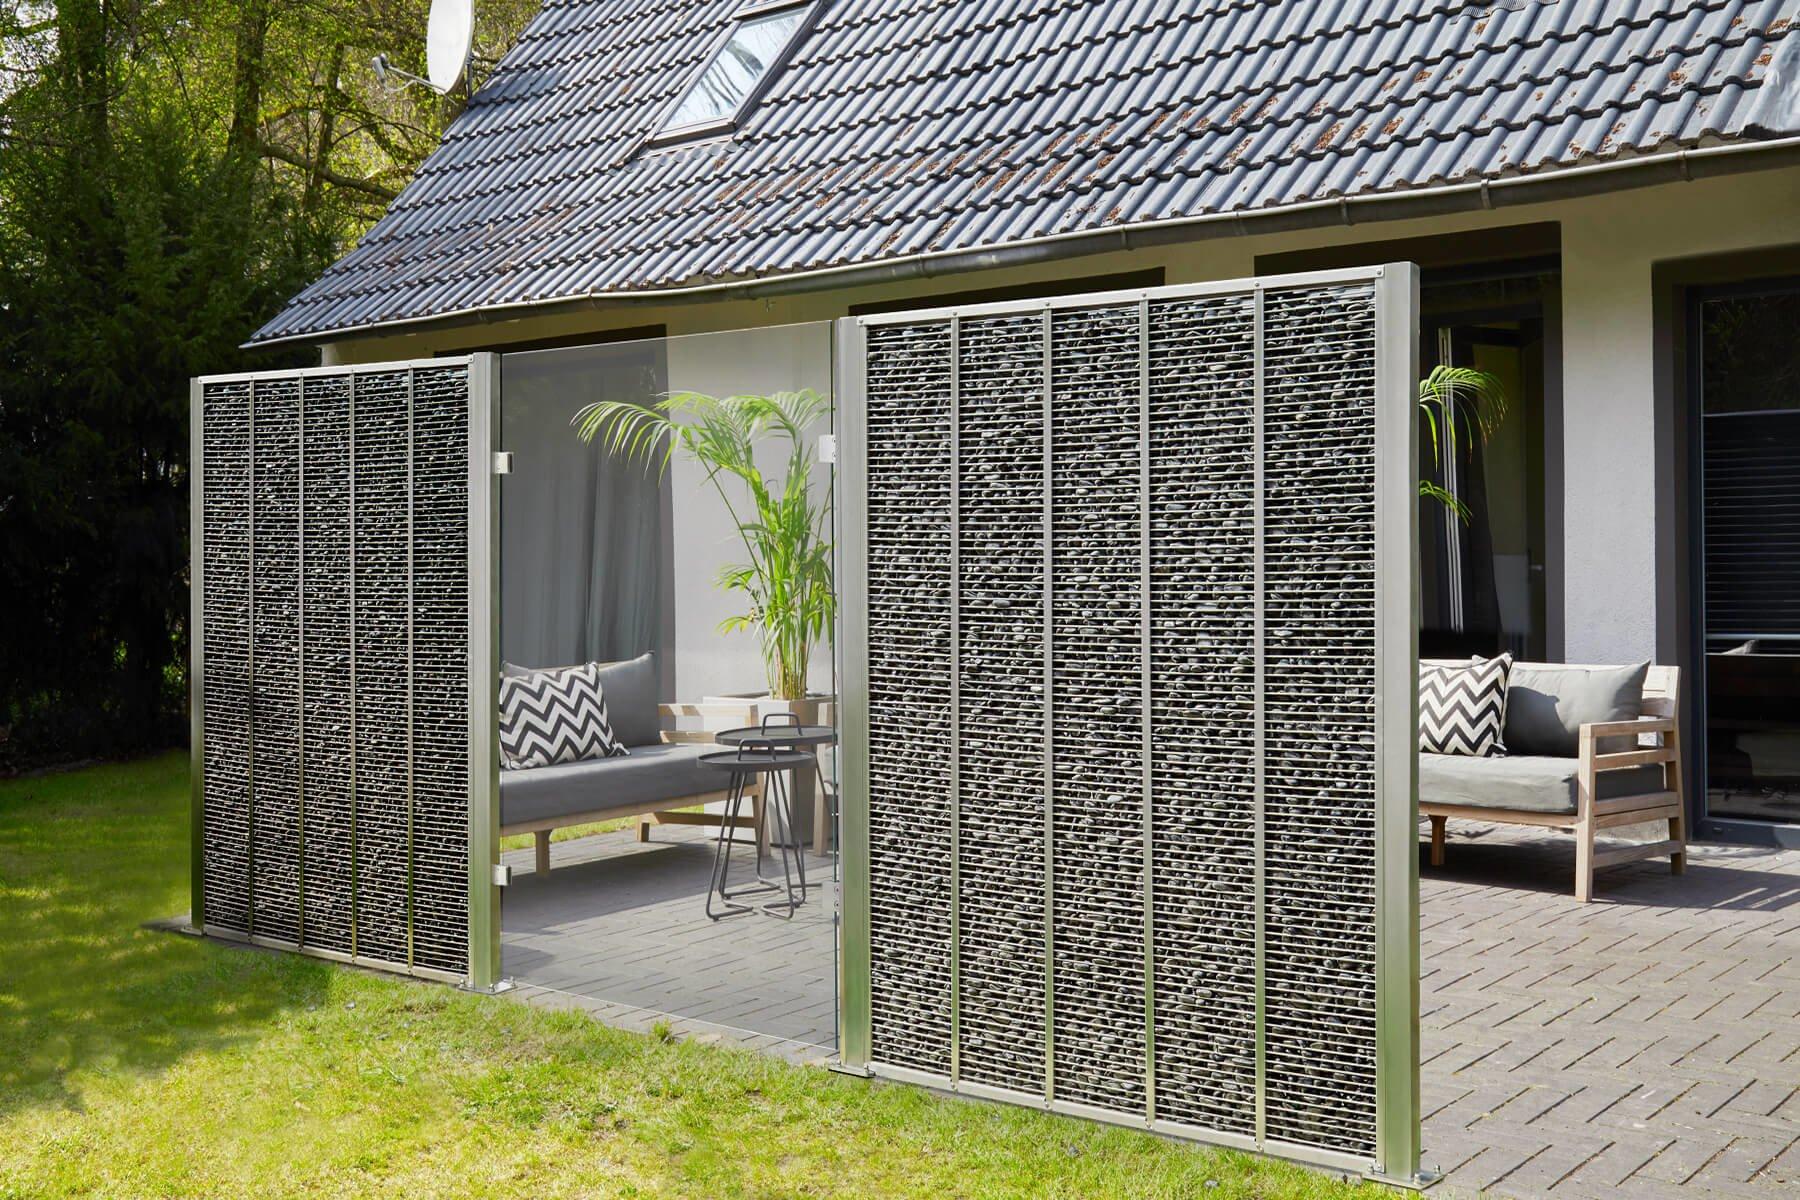 Moderner Gabionenzaun mit Cortenelement kombiniert schützt Garten und Terrasse vor Wind Blicken und Lärrm